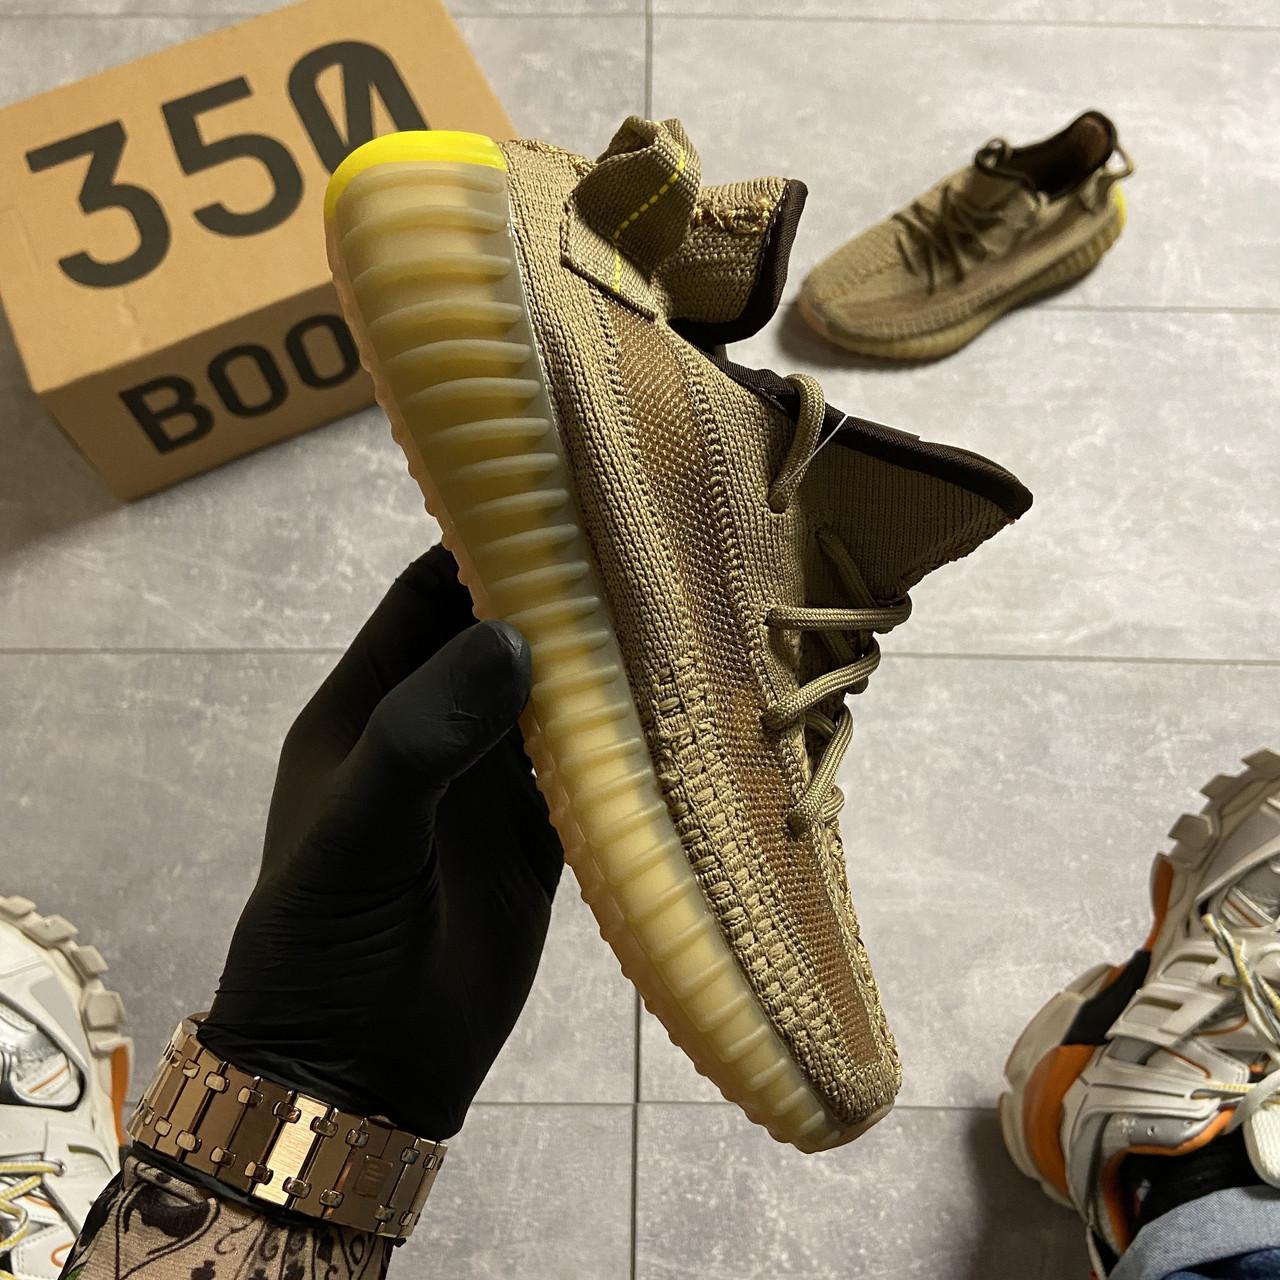 Мужские кроссовки Adidas Yeezy Boost 350 V2, мужские кроссовки адидас изи буст 350 в2 (41,42 размеры в наличии